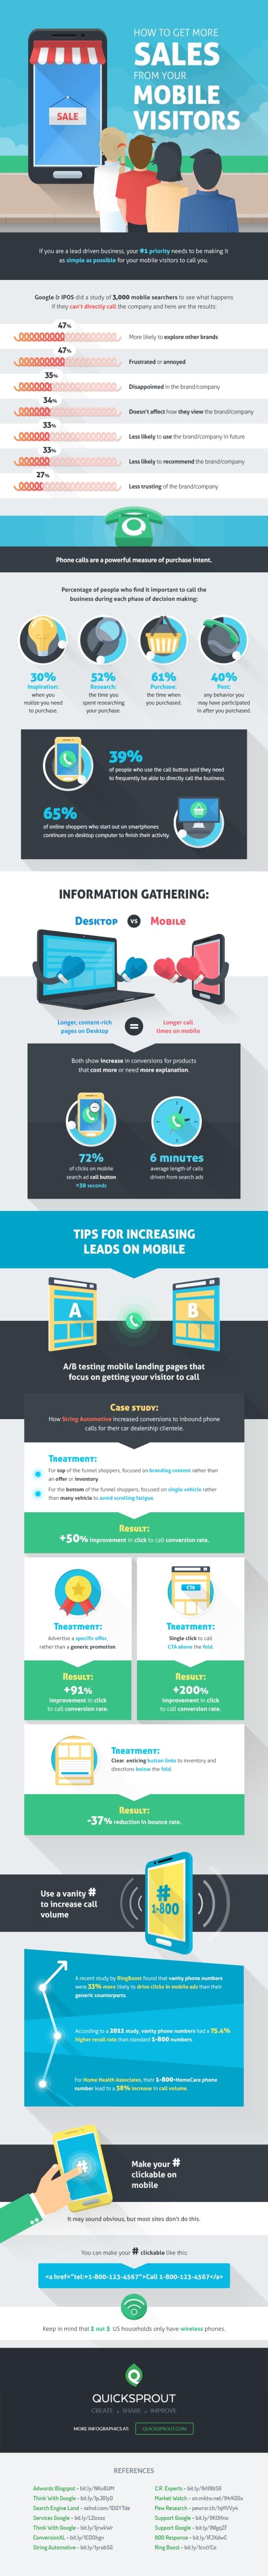 Comment augmenter ses ventes depuis les visites mobile ? AUTOVEILLE